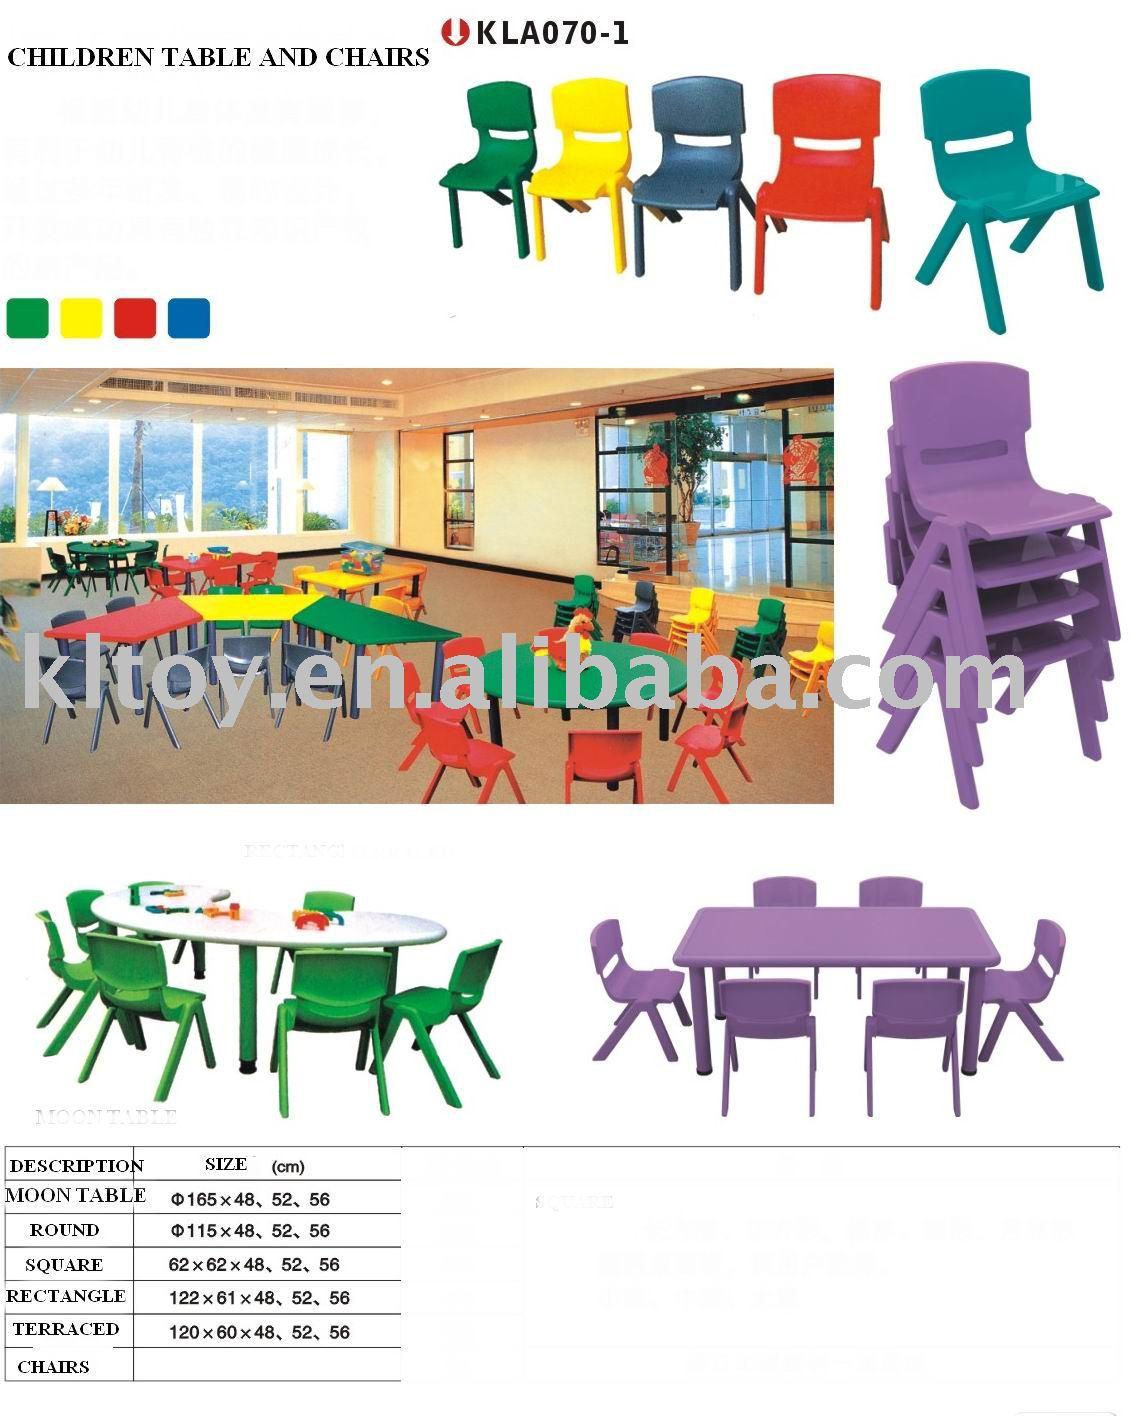 de plástico de muebles para niñosIdentificación del producto